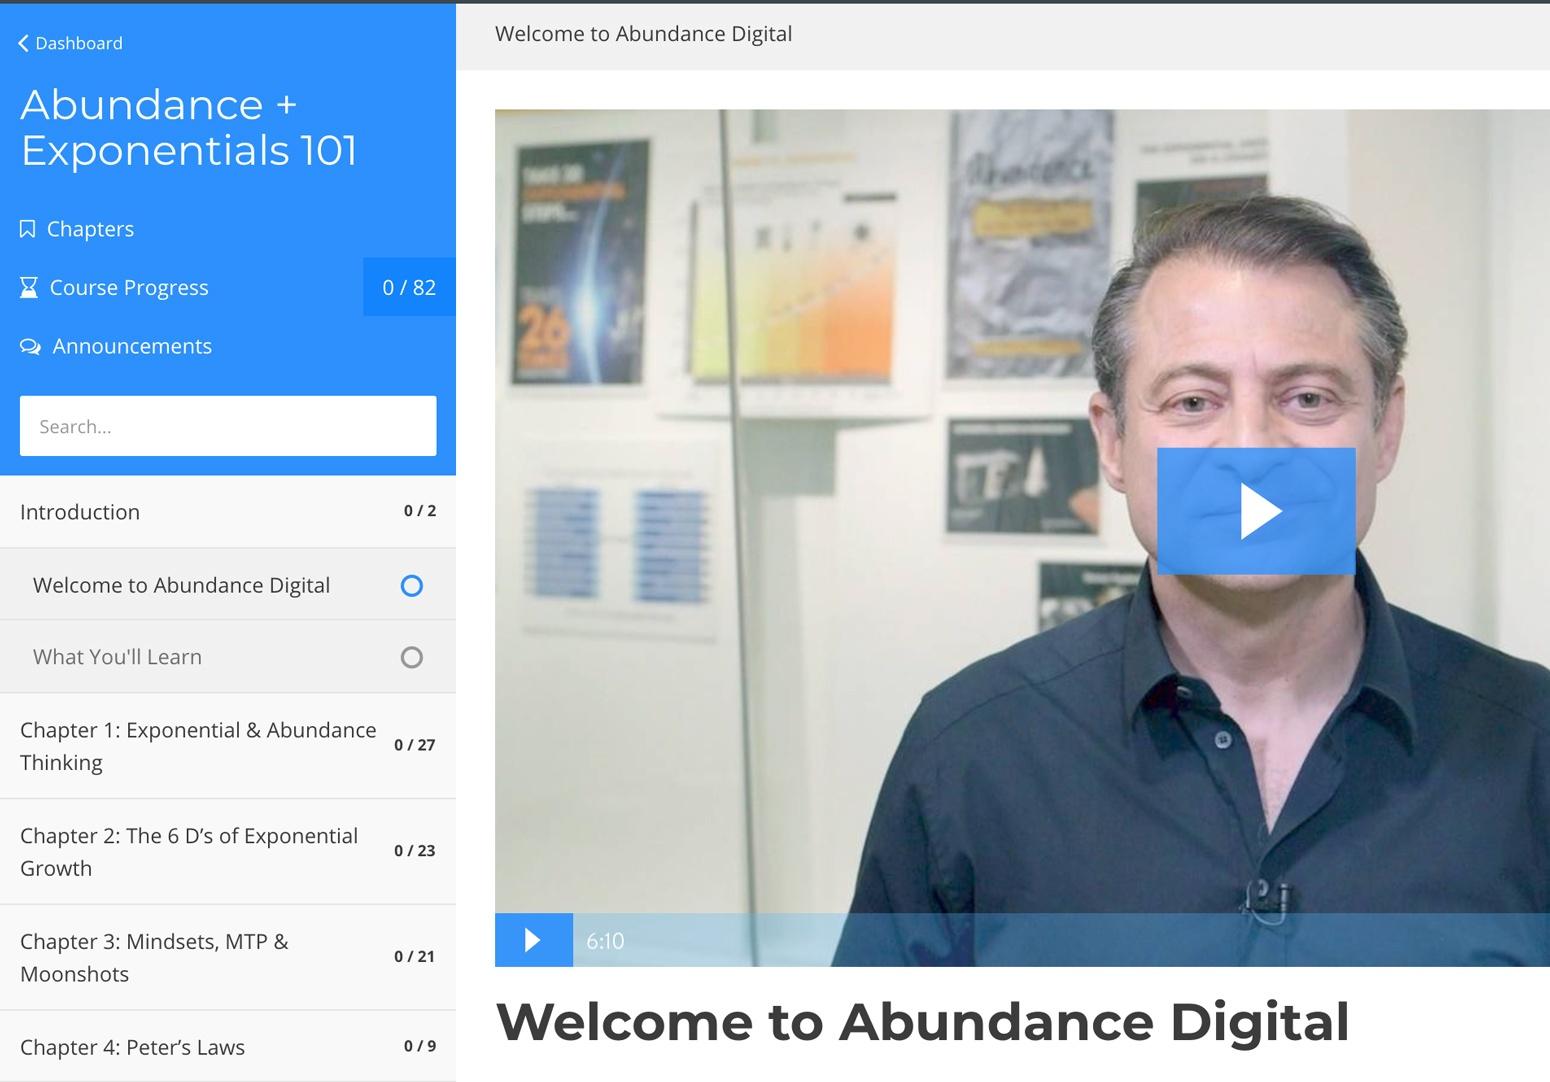 abundance-exponentials-101.jpg